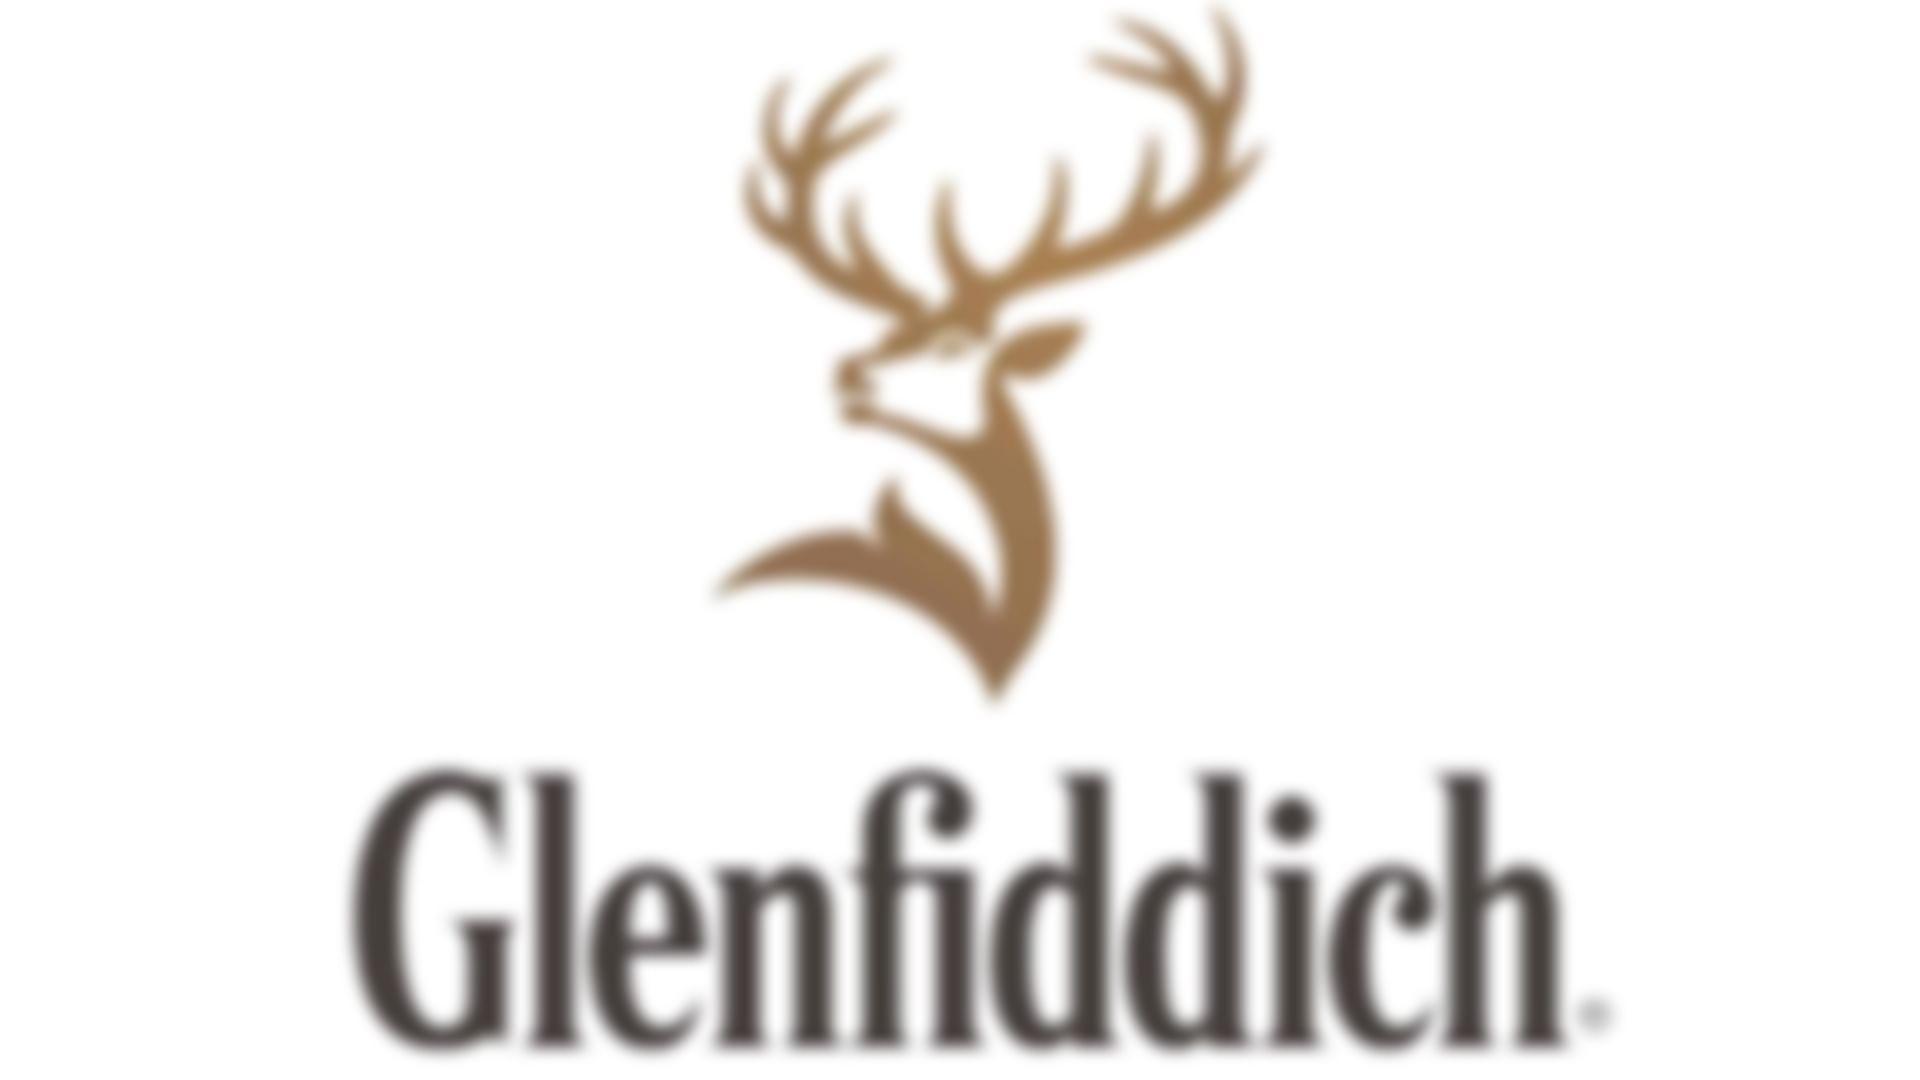 GlenfiddichIrrepressible